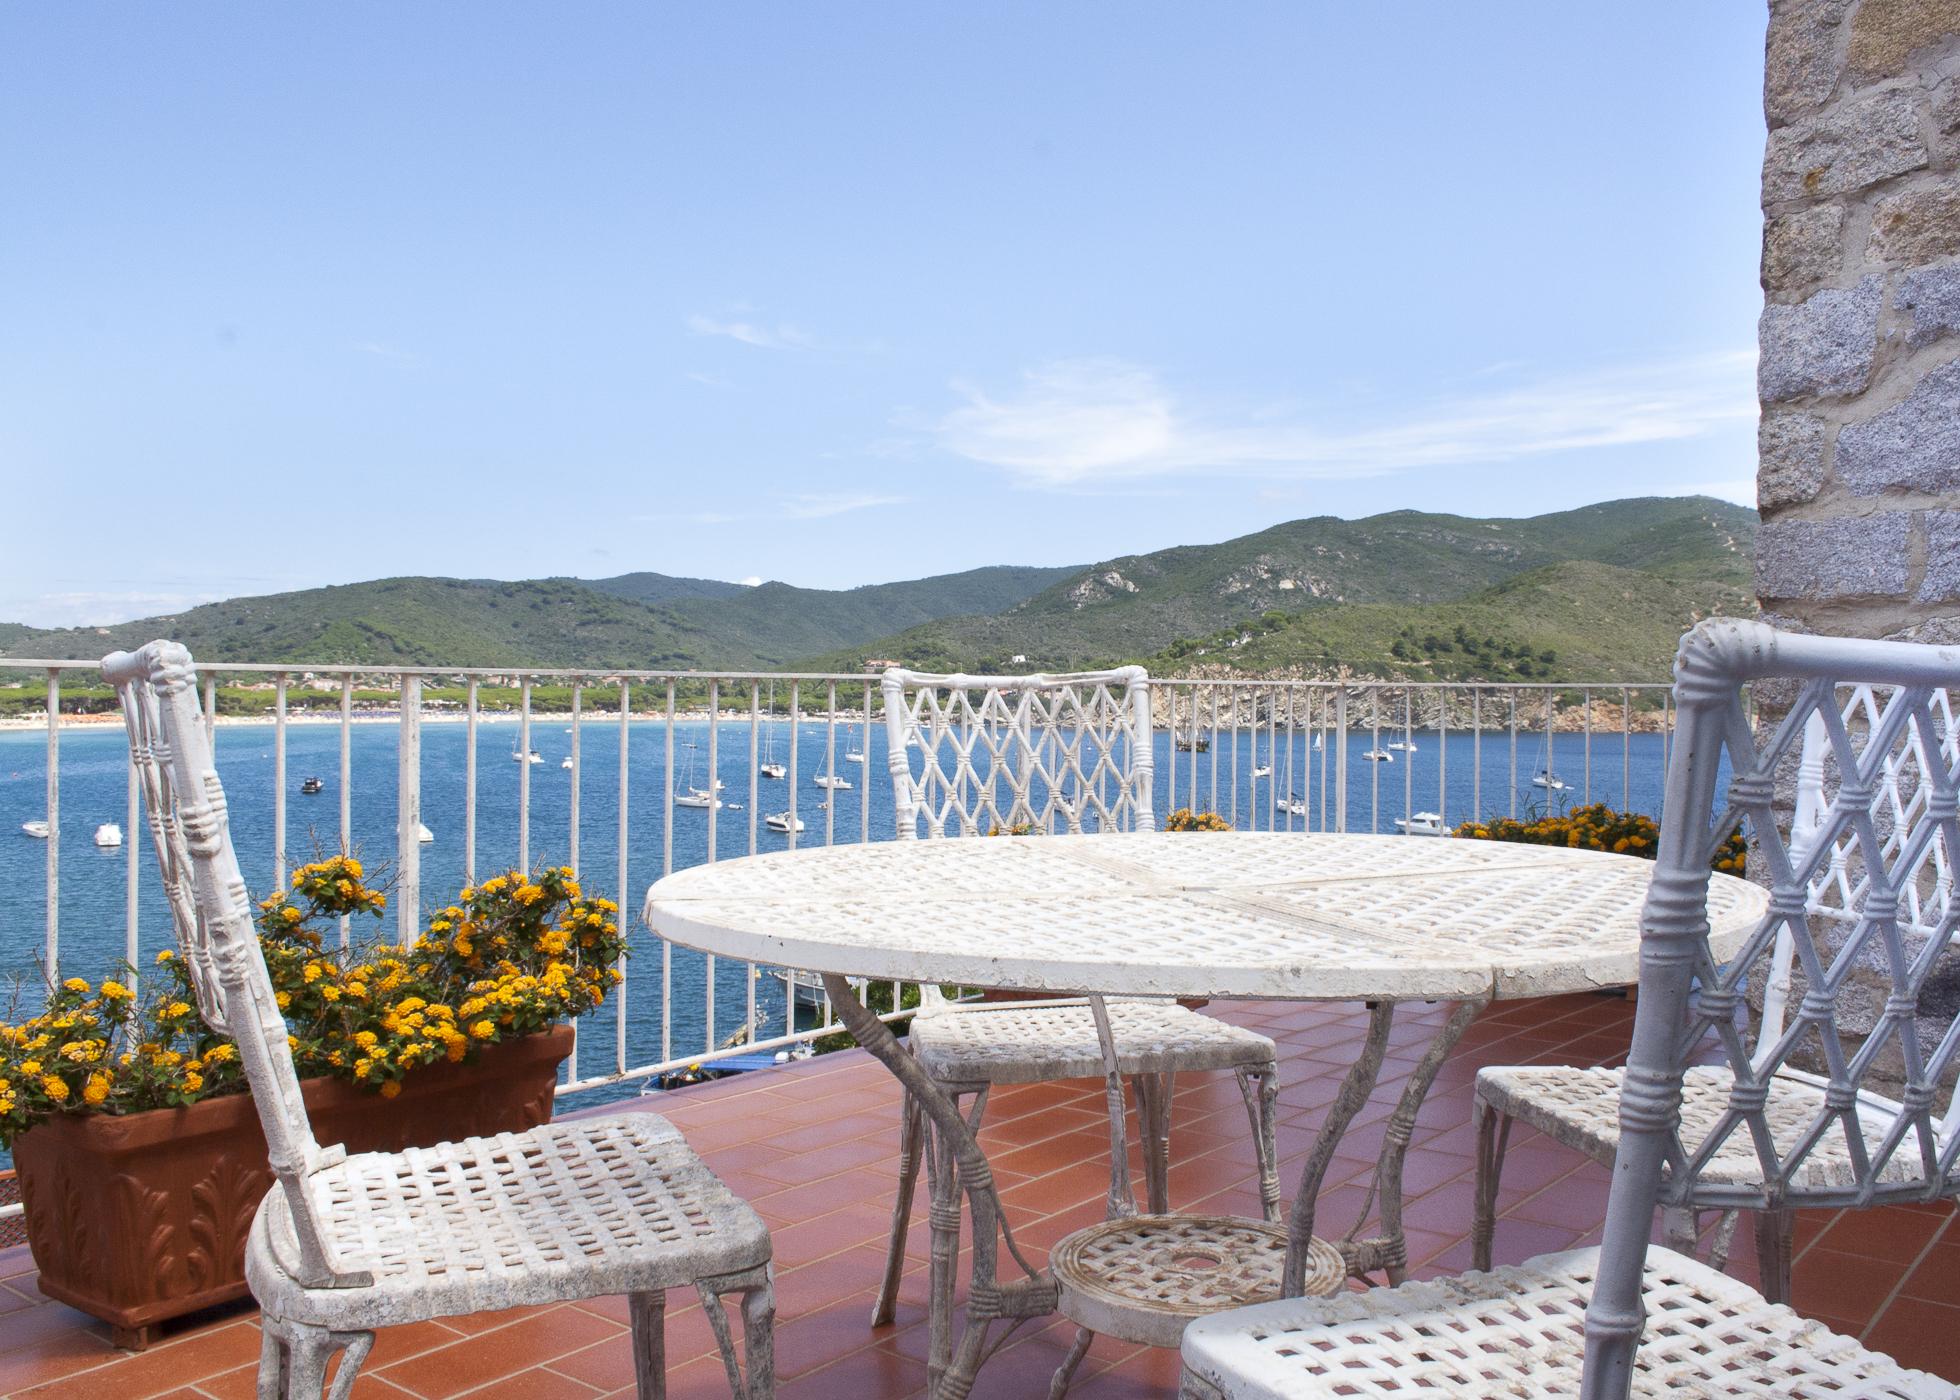 Ferienhaus TERRAZZA SUL MARE (2334401), Marina di Campo, Elba, Toskana, Italien, Bild 1